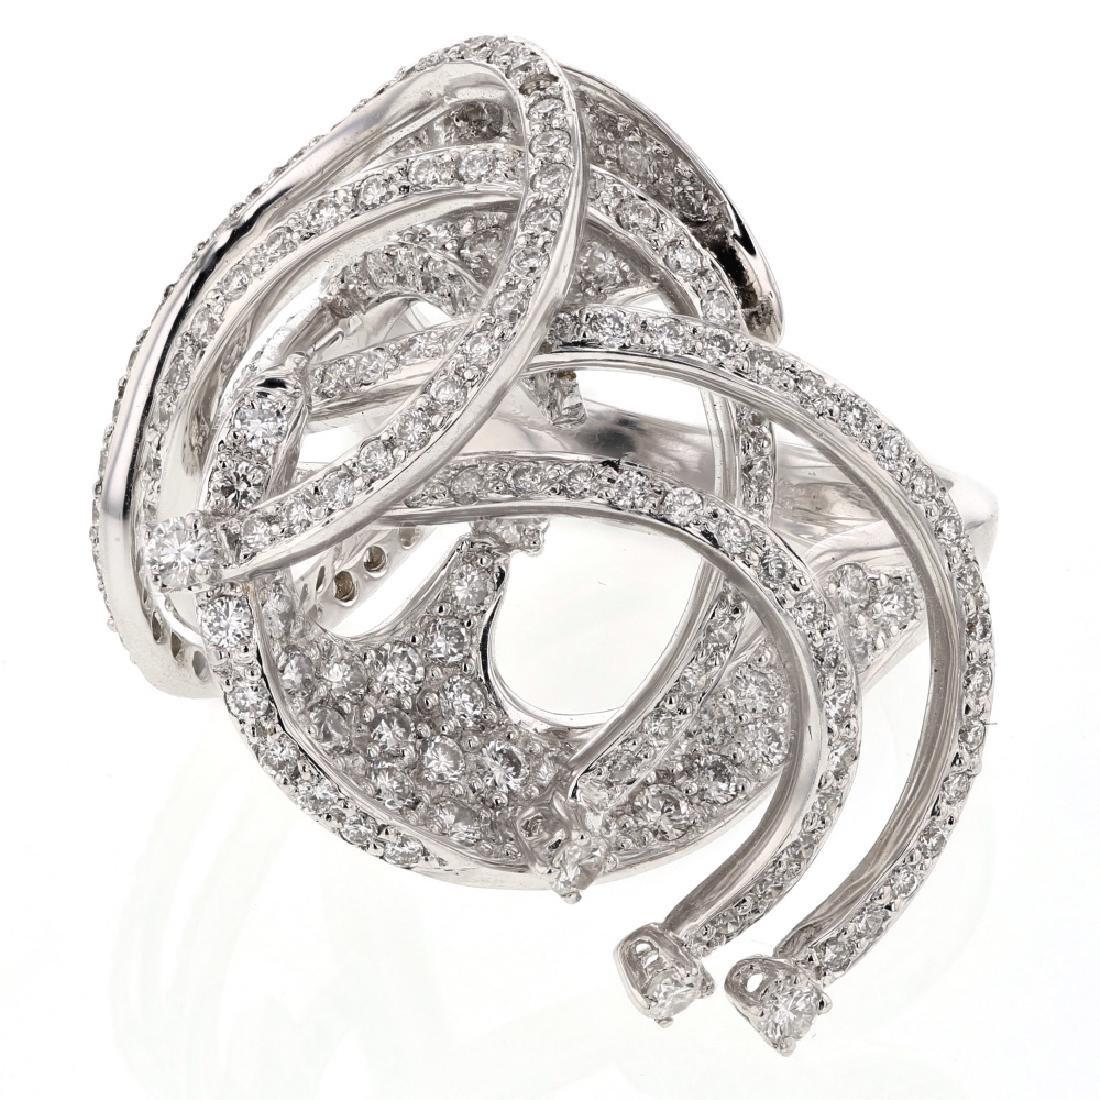 2.22 CTW Diamond Ring 18K White Gold - REF-245W4K